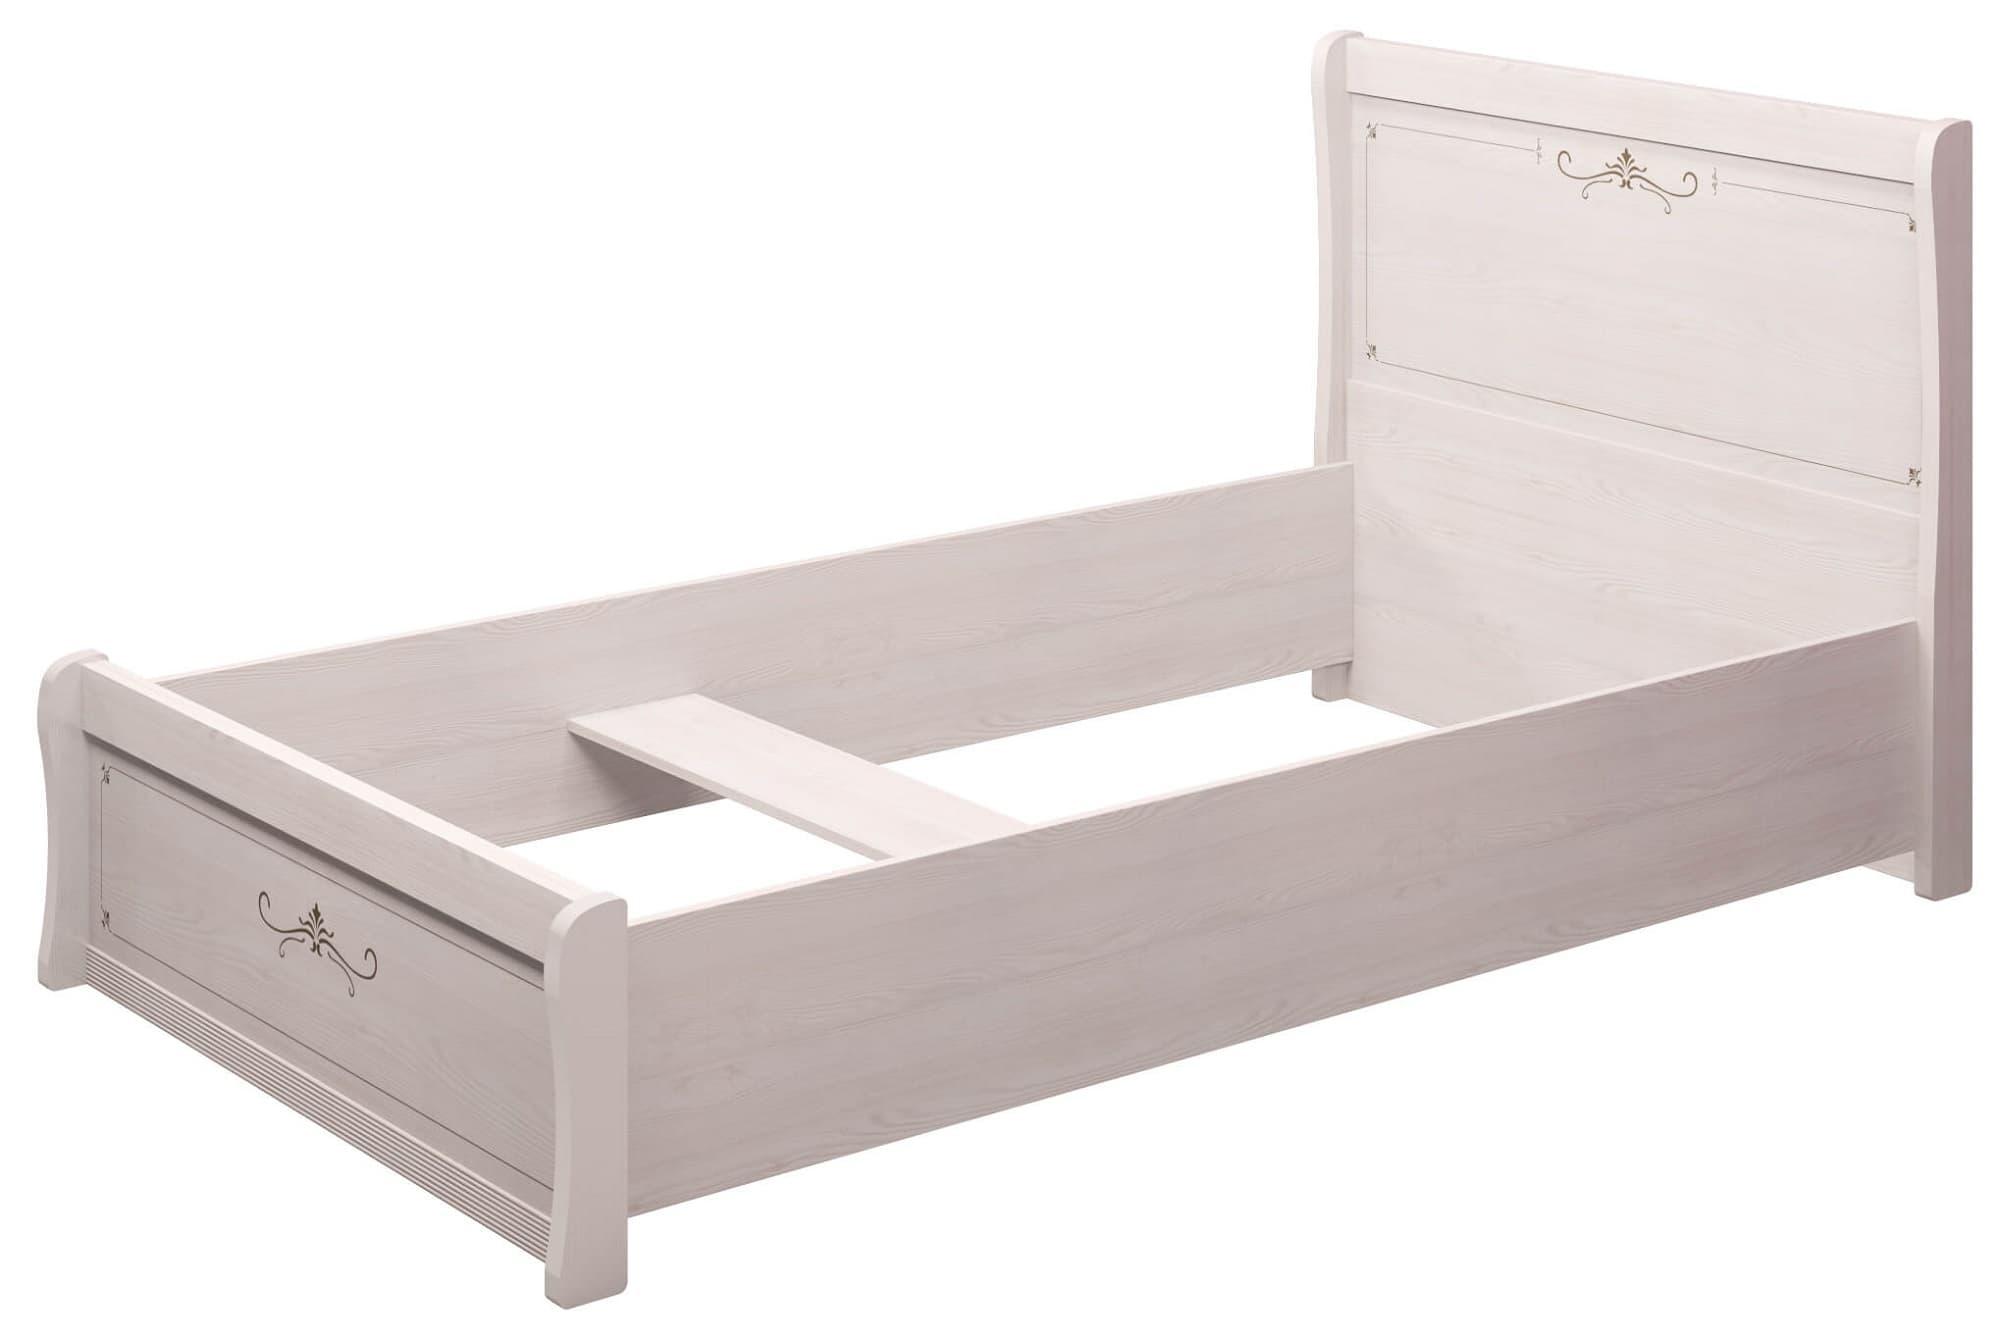 Кровать Афродита 26 двойная 120, без ортопеда, без матраса и без кованного элемента